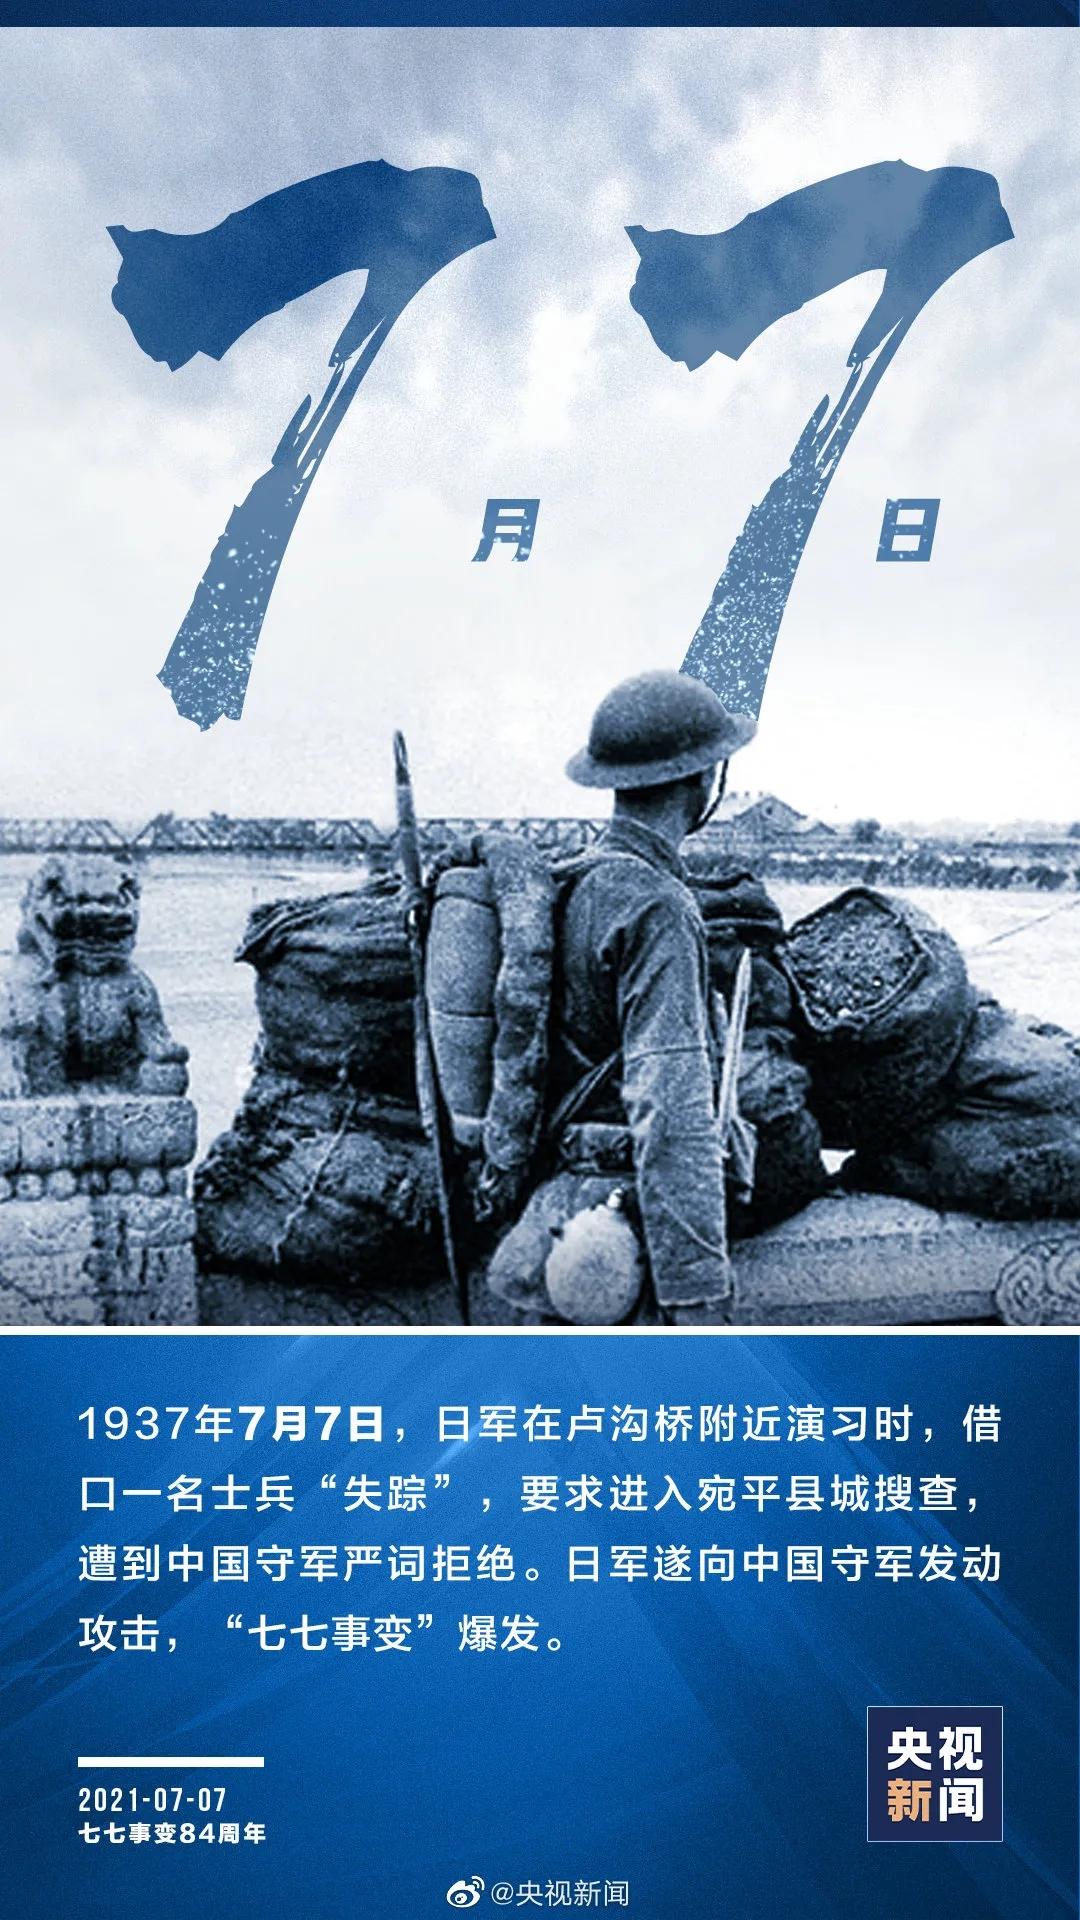 84年前,驻守那座桥的战士仅4人幸存